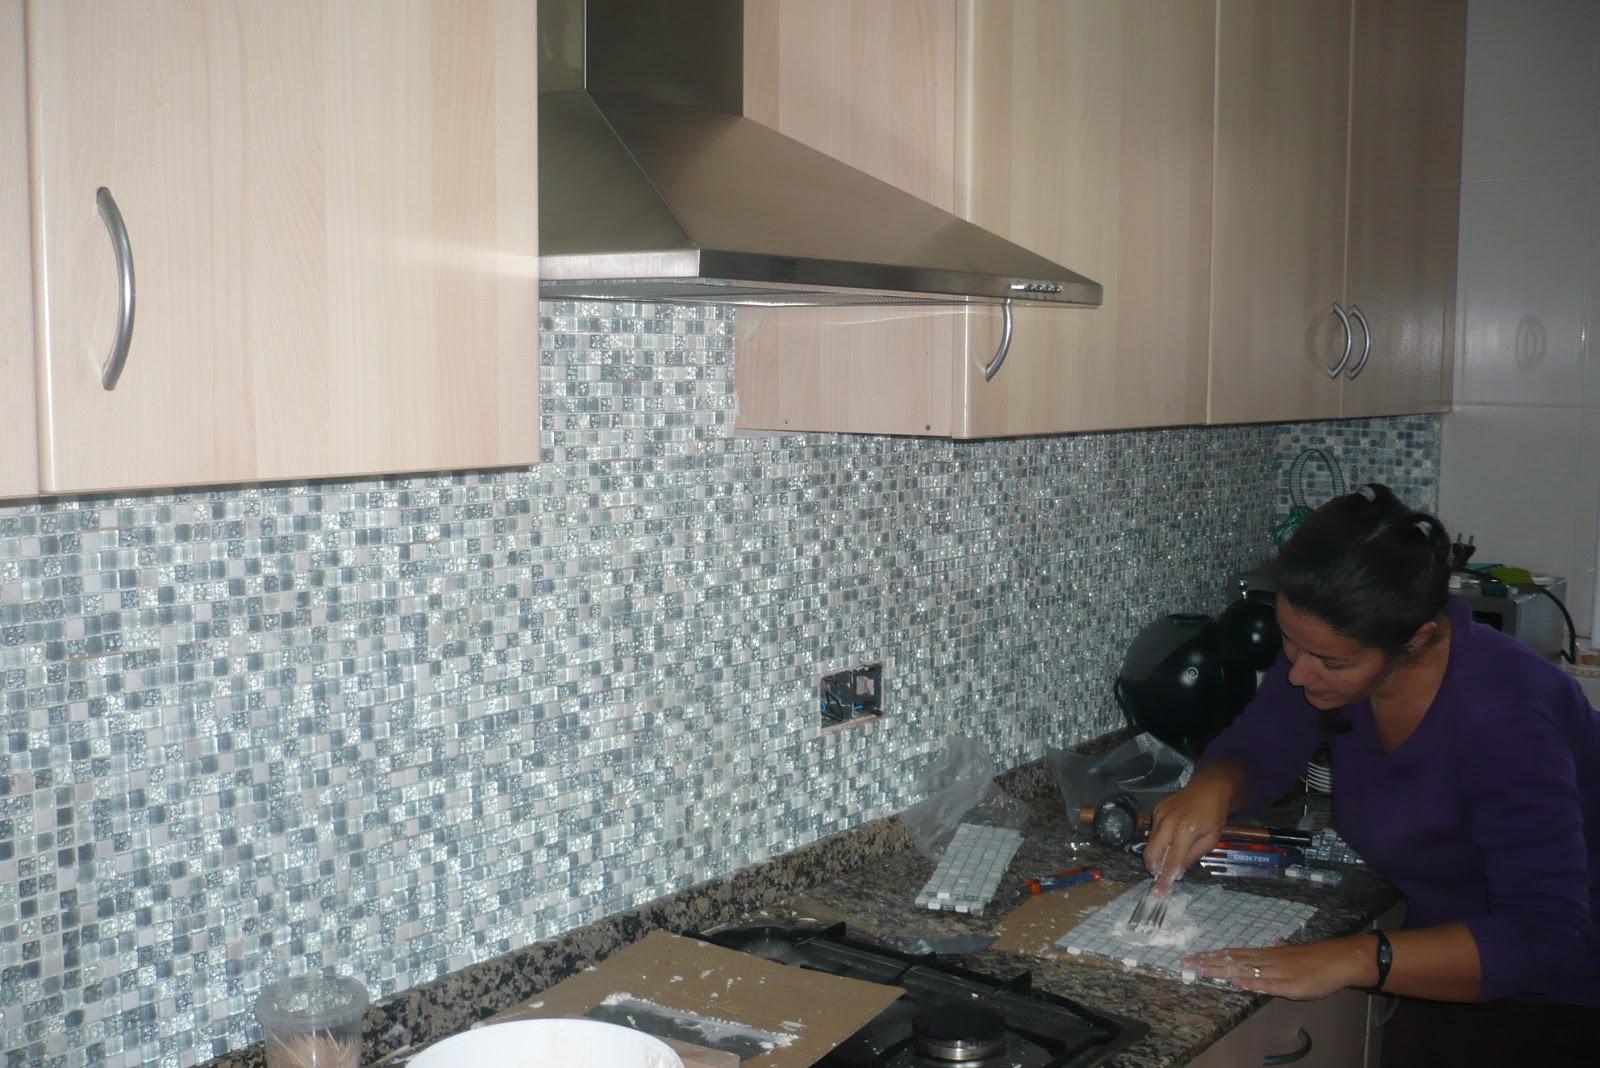 Cocina renueva tu casa sin obras - Masilla para marmol leroy merlin ...